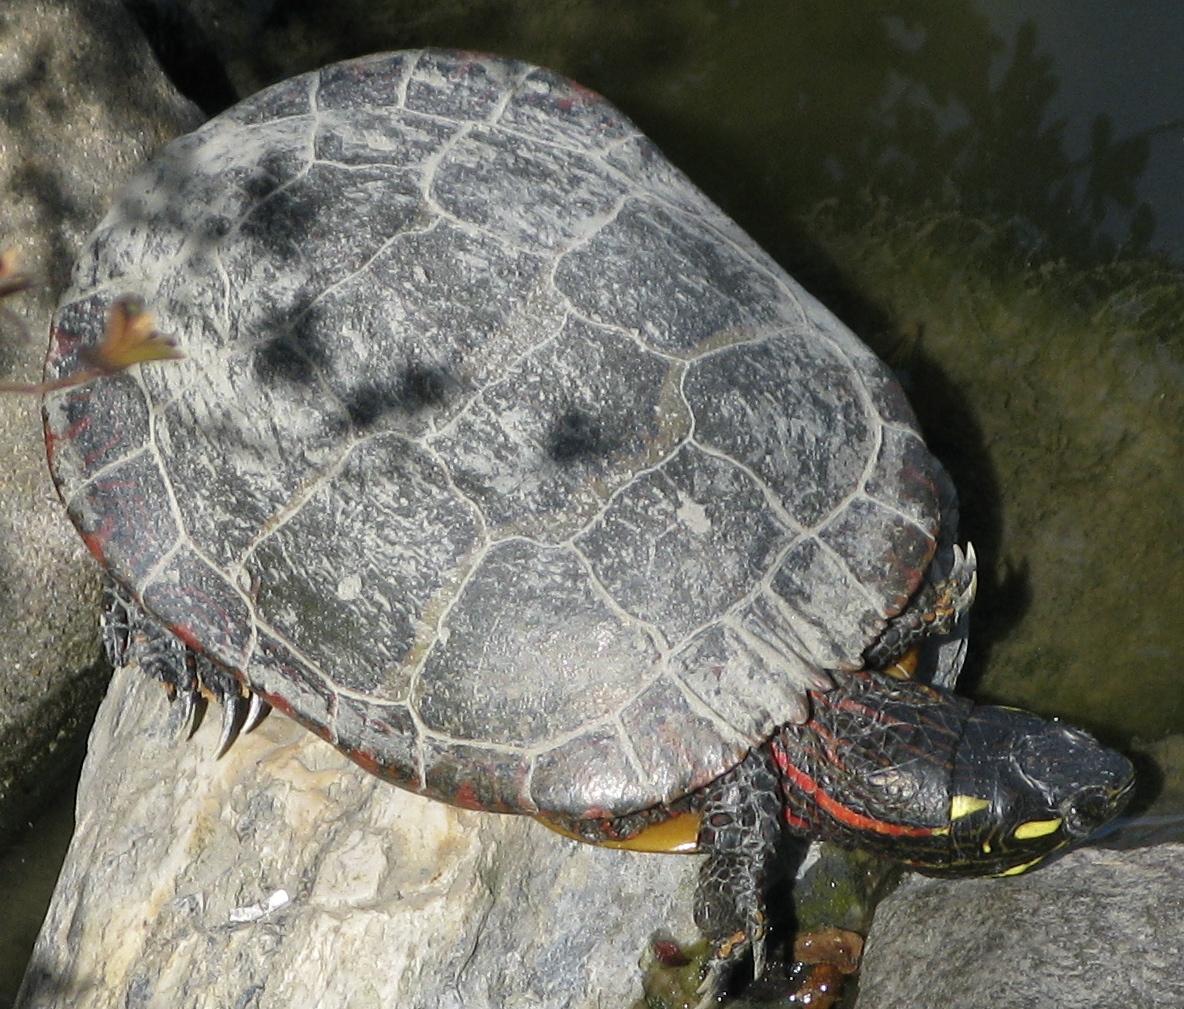 Can Painted Turtles Sleep Underwater